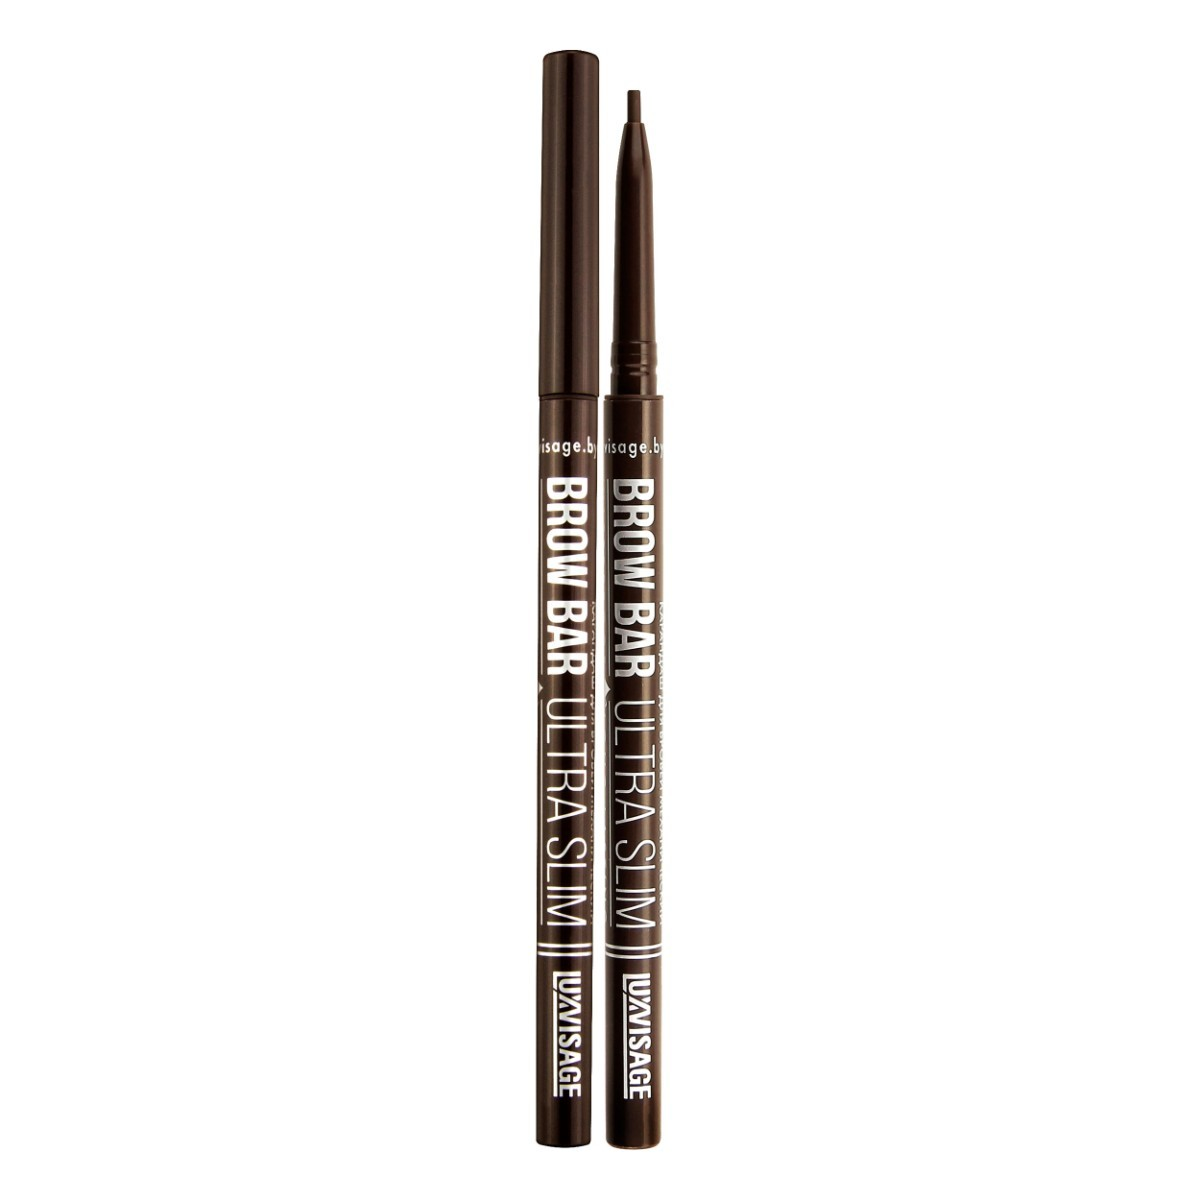 Купить Карандаш для бровей luxvisage brow bar ultra slim тон 305 medium brown, УЛЬТРАТОНКИЙ МЕХАНИЧЕСКИЙ КАРАНДАШ ДЛЯ БРОВЕЙ BROW BAR ULTRA SLIM